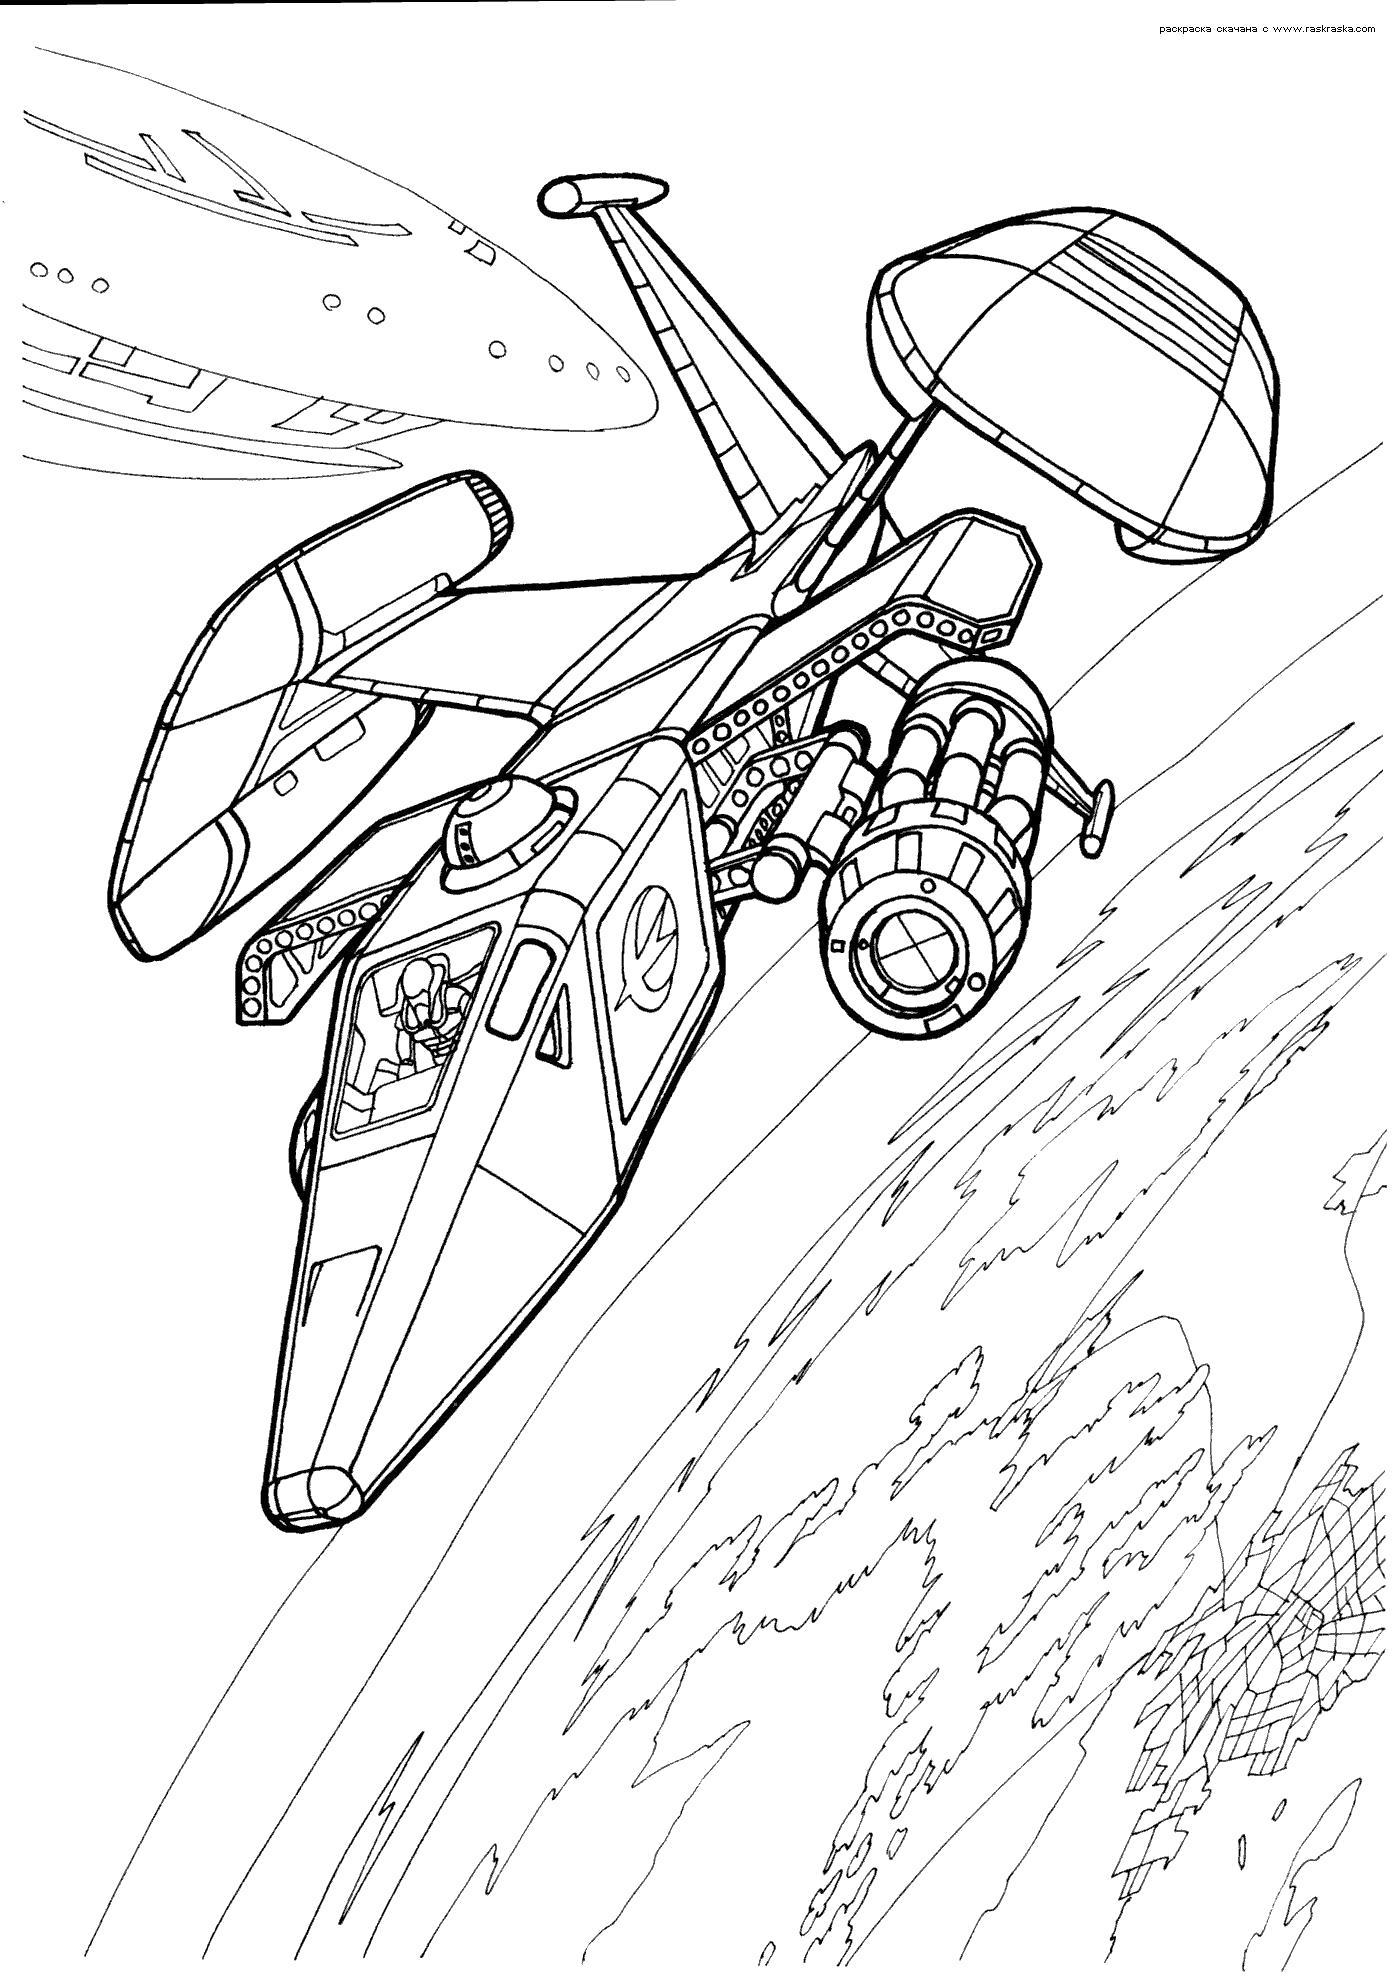 Раскраска  Космический аппарат.  Ракета, реактивный самолет будущего. Скачать самолет.  Распечатать самолет